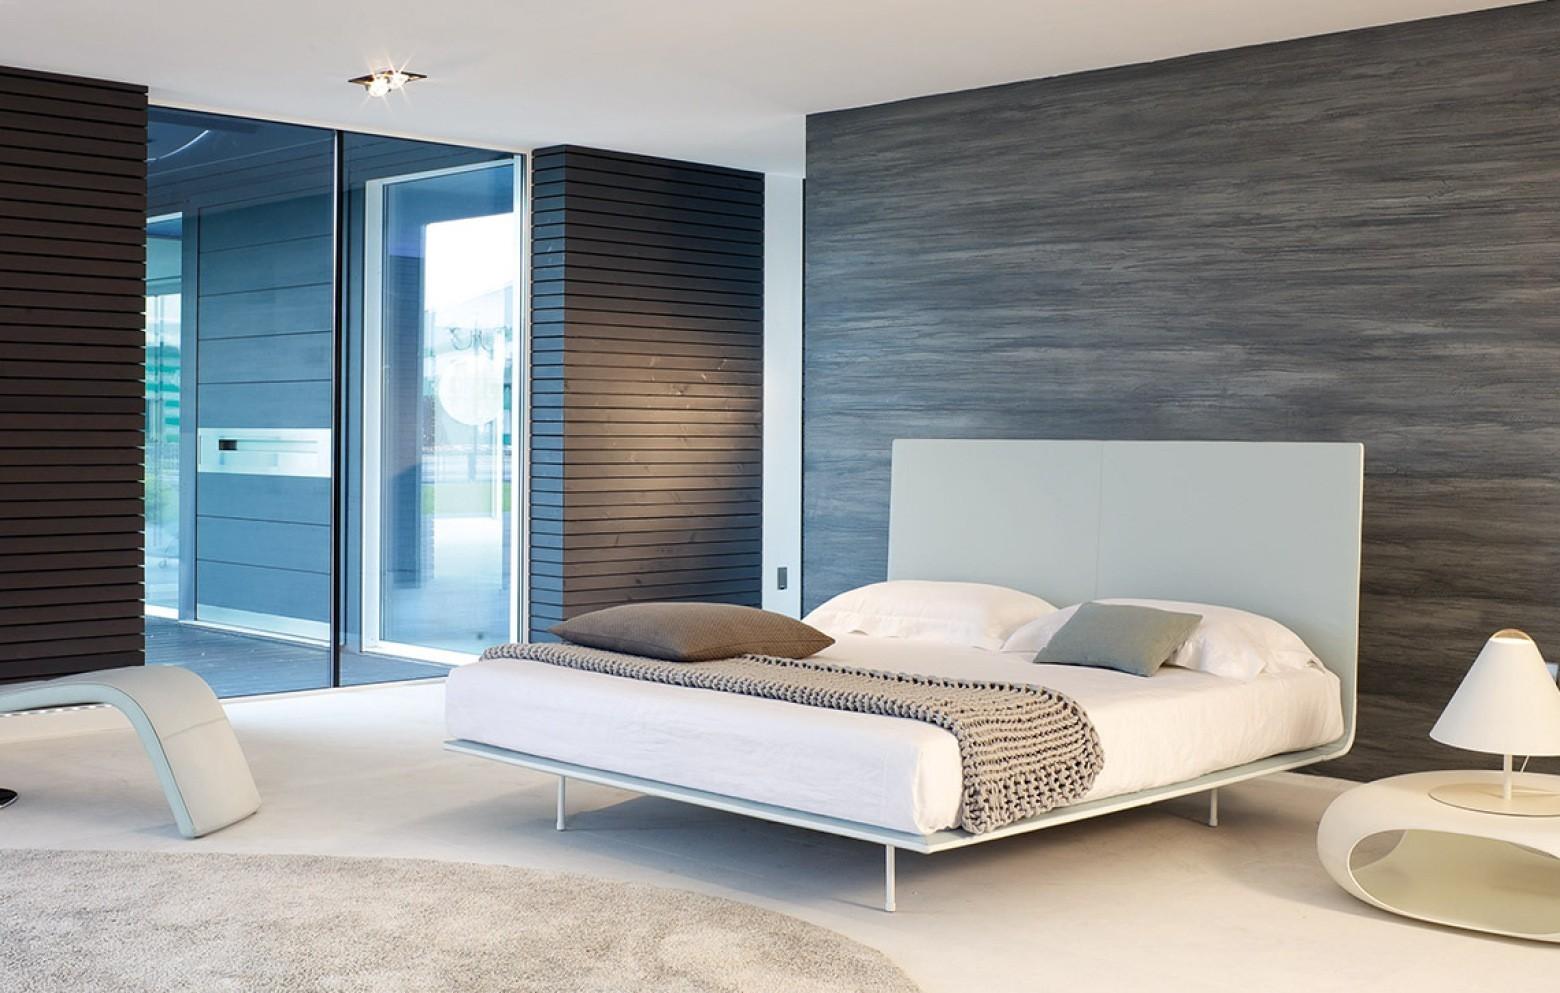 thin betten von bonaldo architonic startseite design bilder. Black Bedroom Furniture Sets. Home Design Ideas